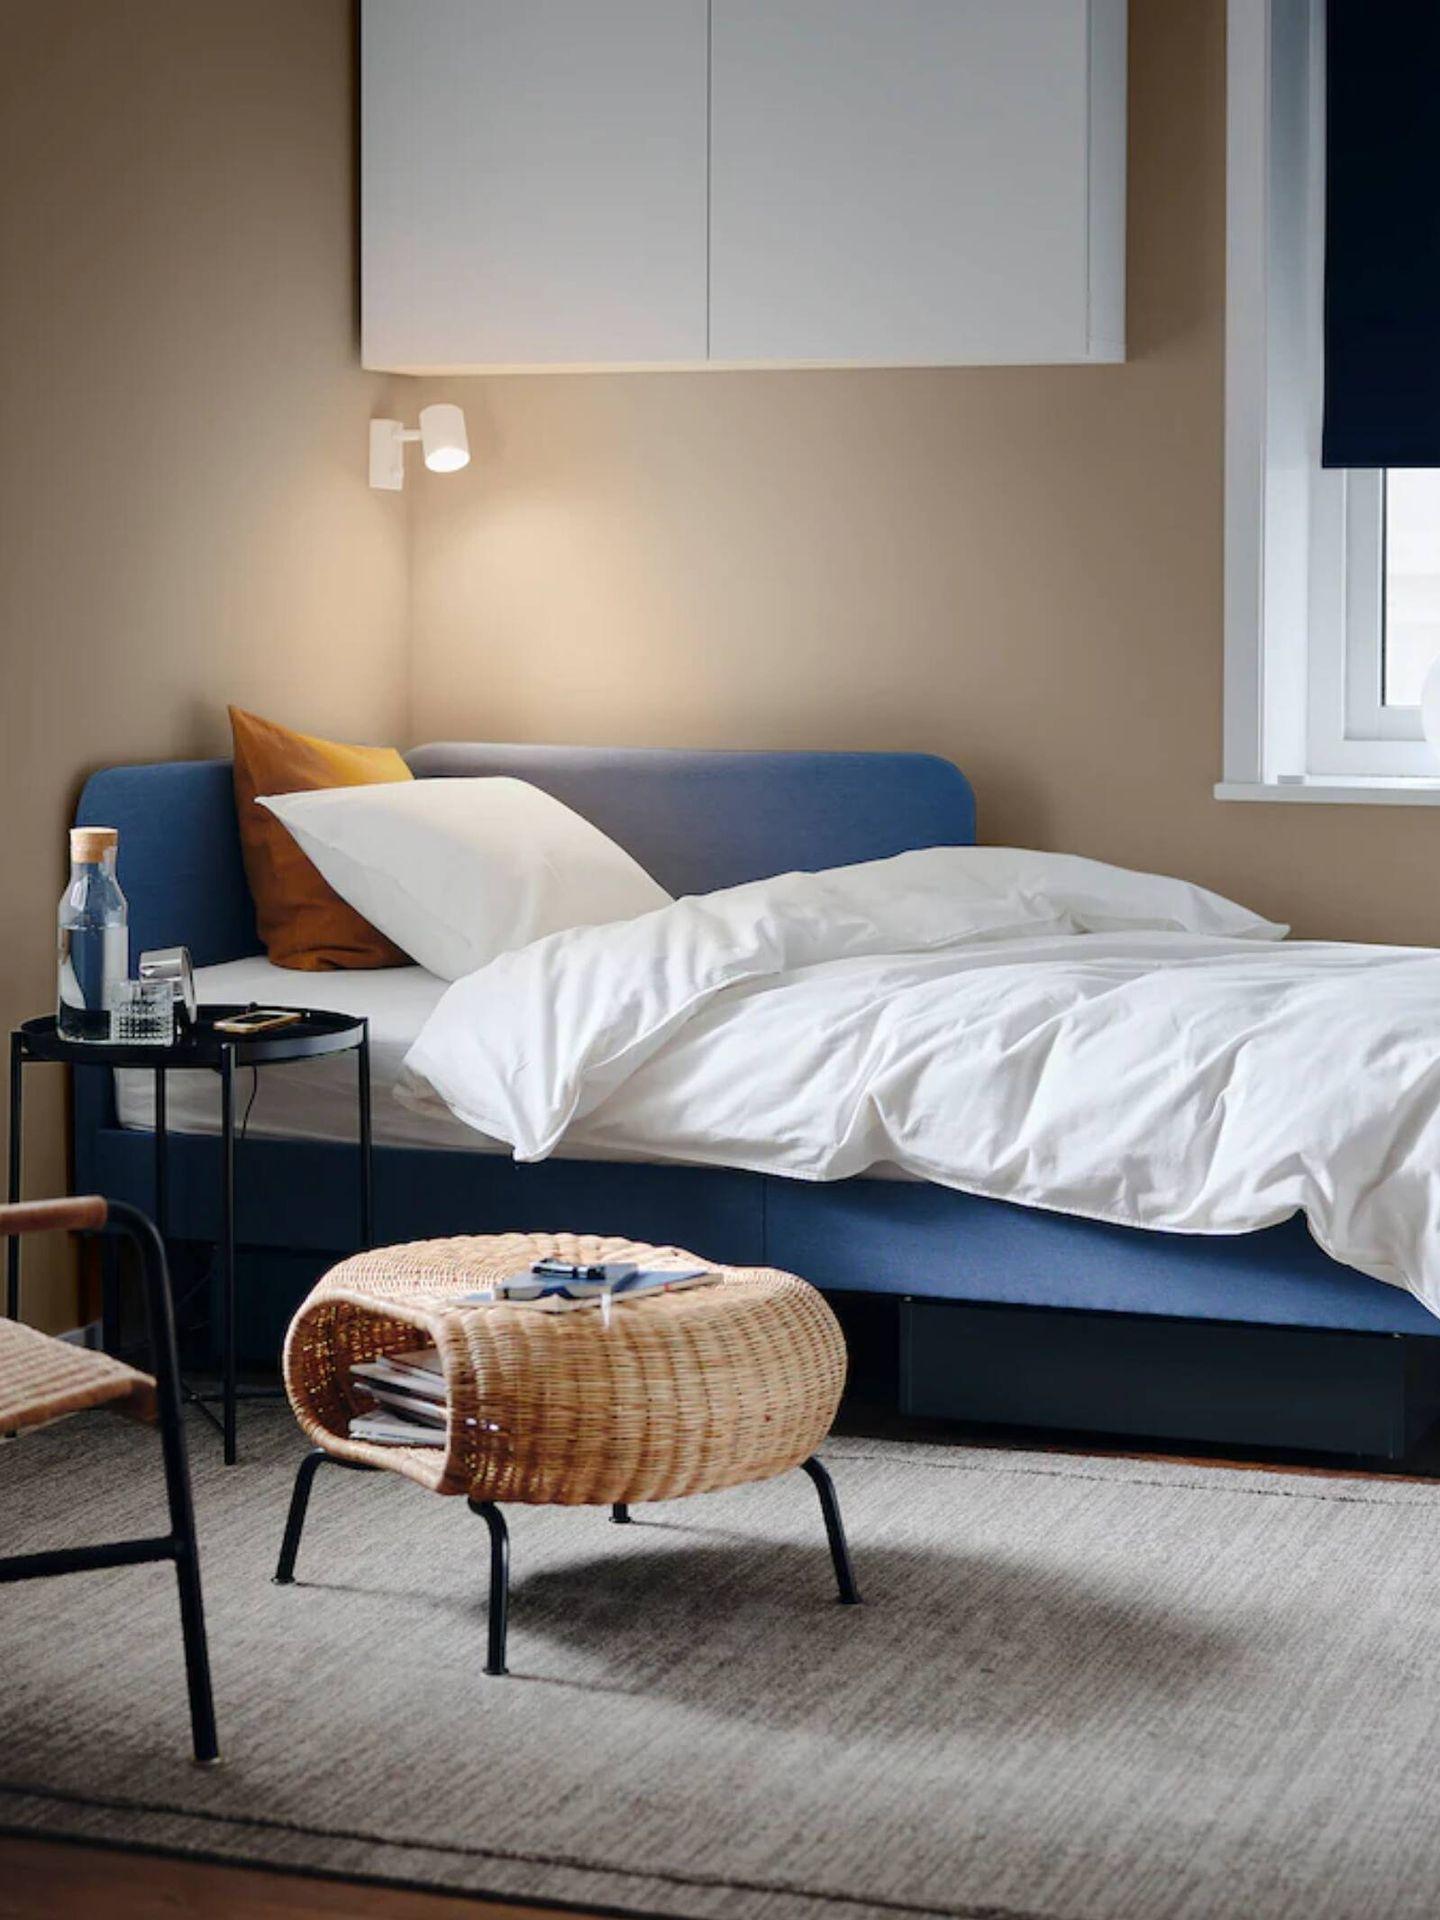 Ikea nos ofrece este mueble como solución para las casas pequeñas. (Cortesía)